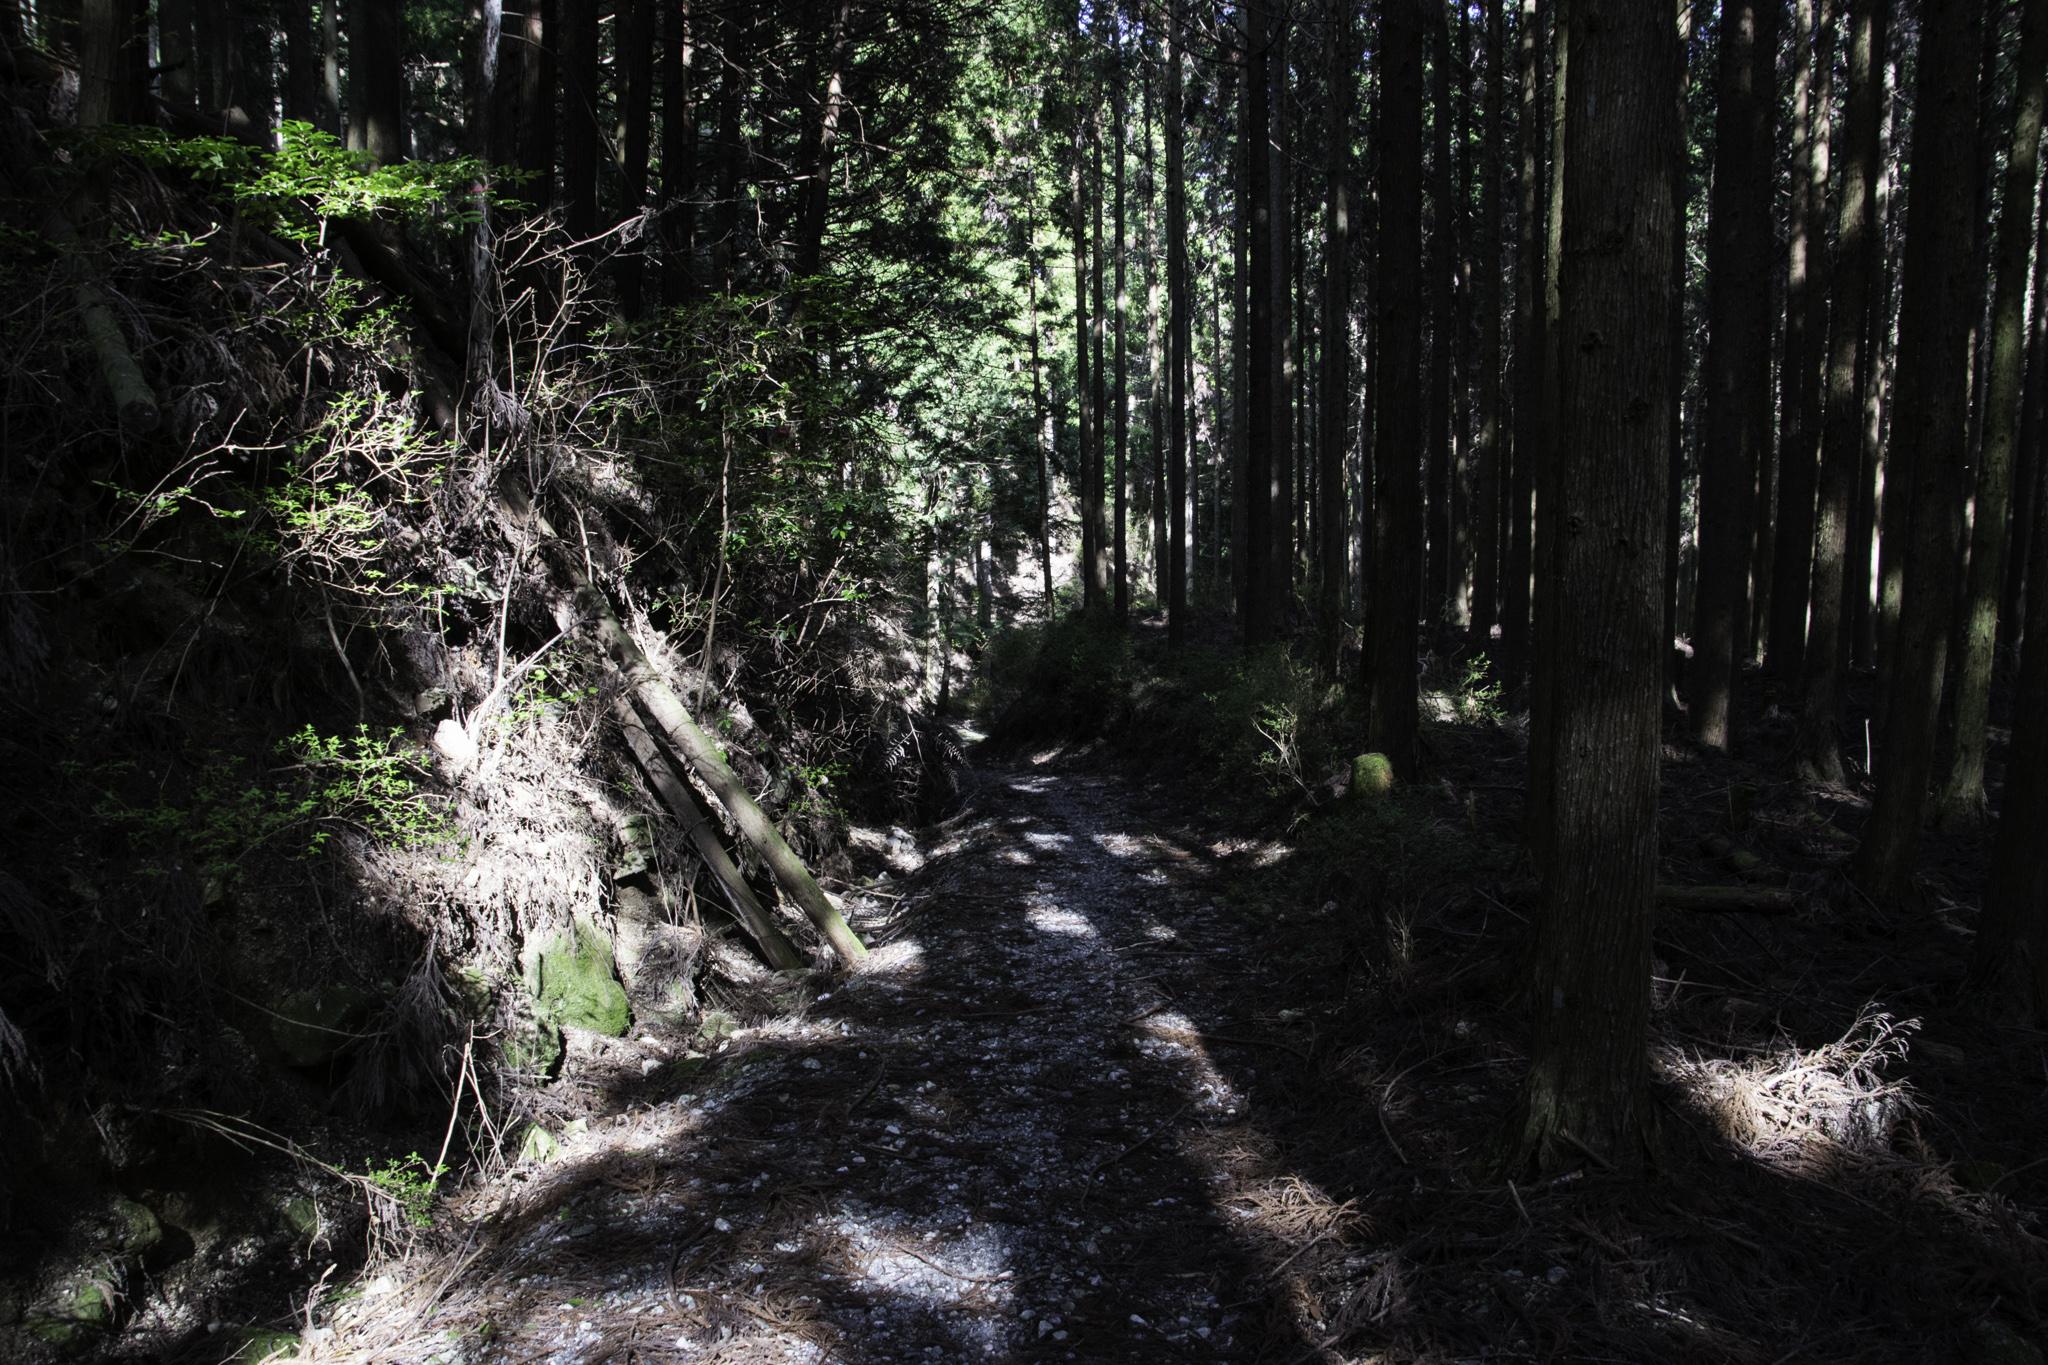 Fahrt auf Naturstrasse in den Bergen